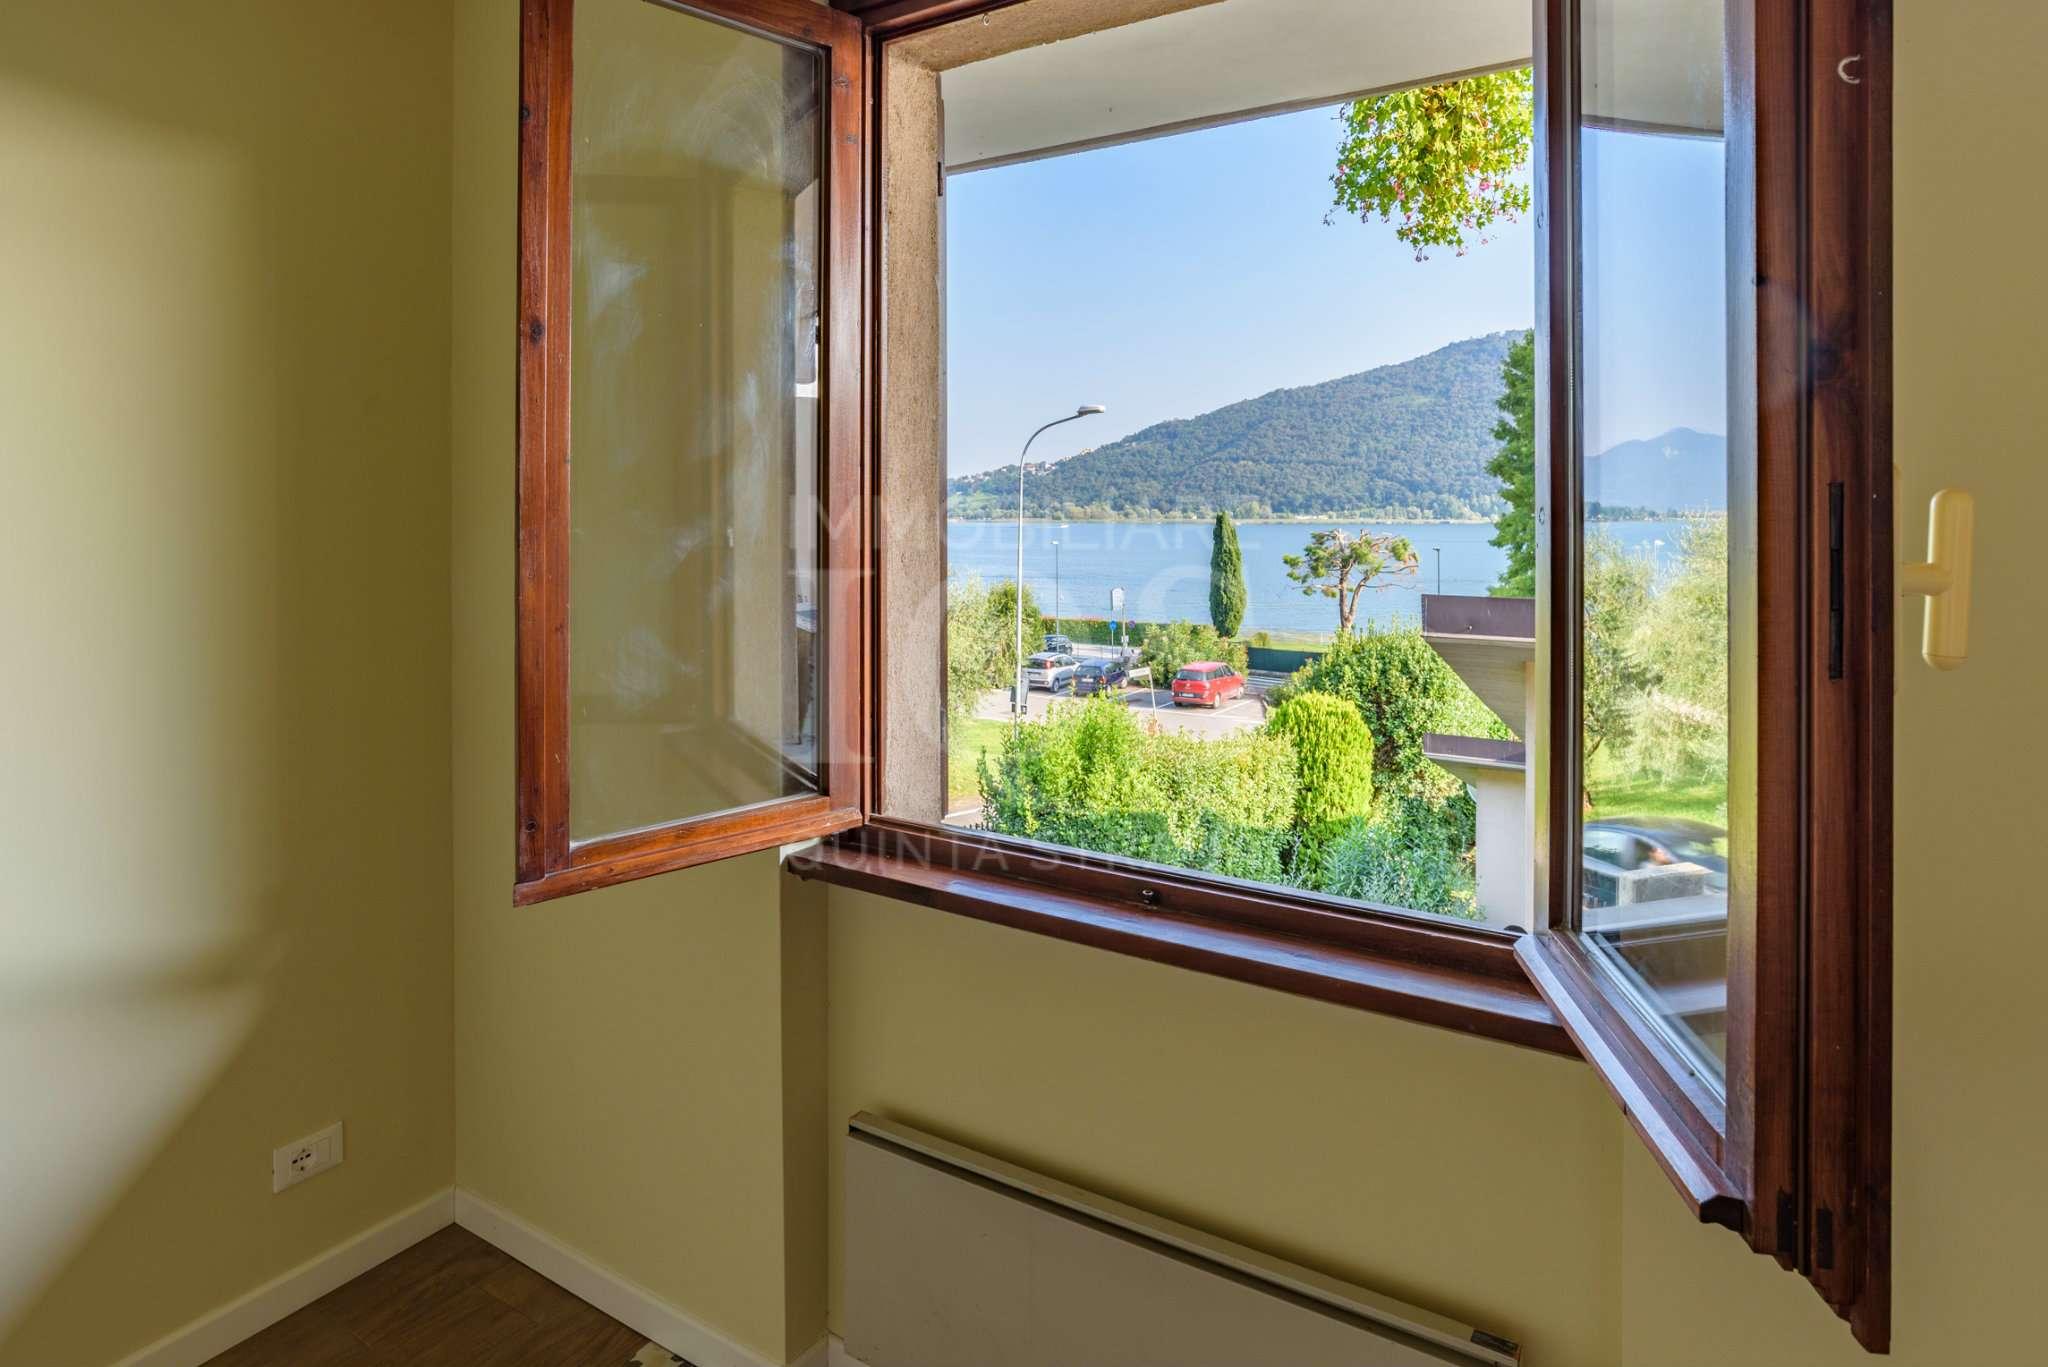 Appartamento in vendita a Sarnico, 2 locali, prezzo € 135.000 | PortaleAgenzieImmobiliari.it